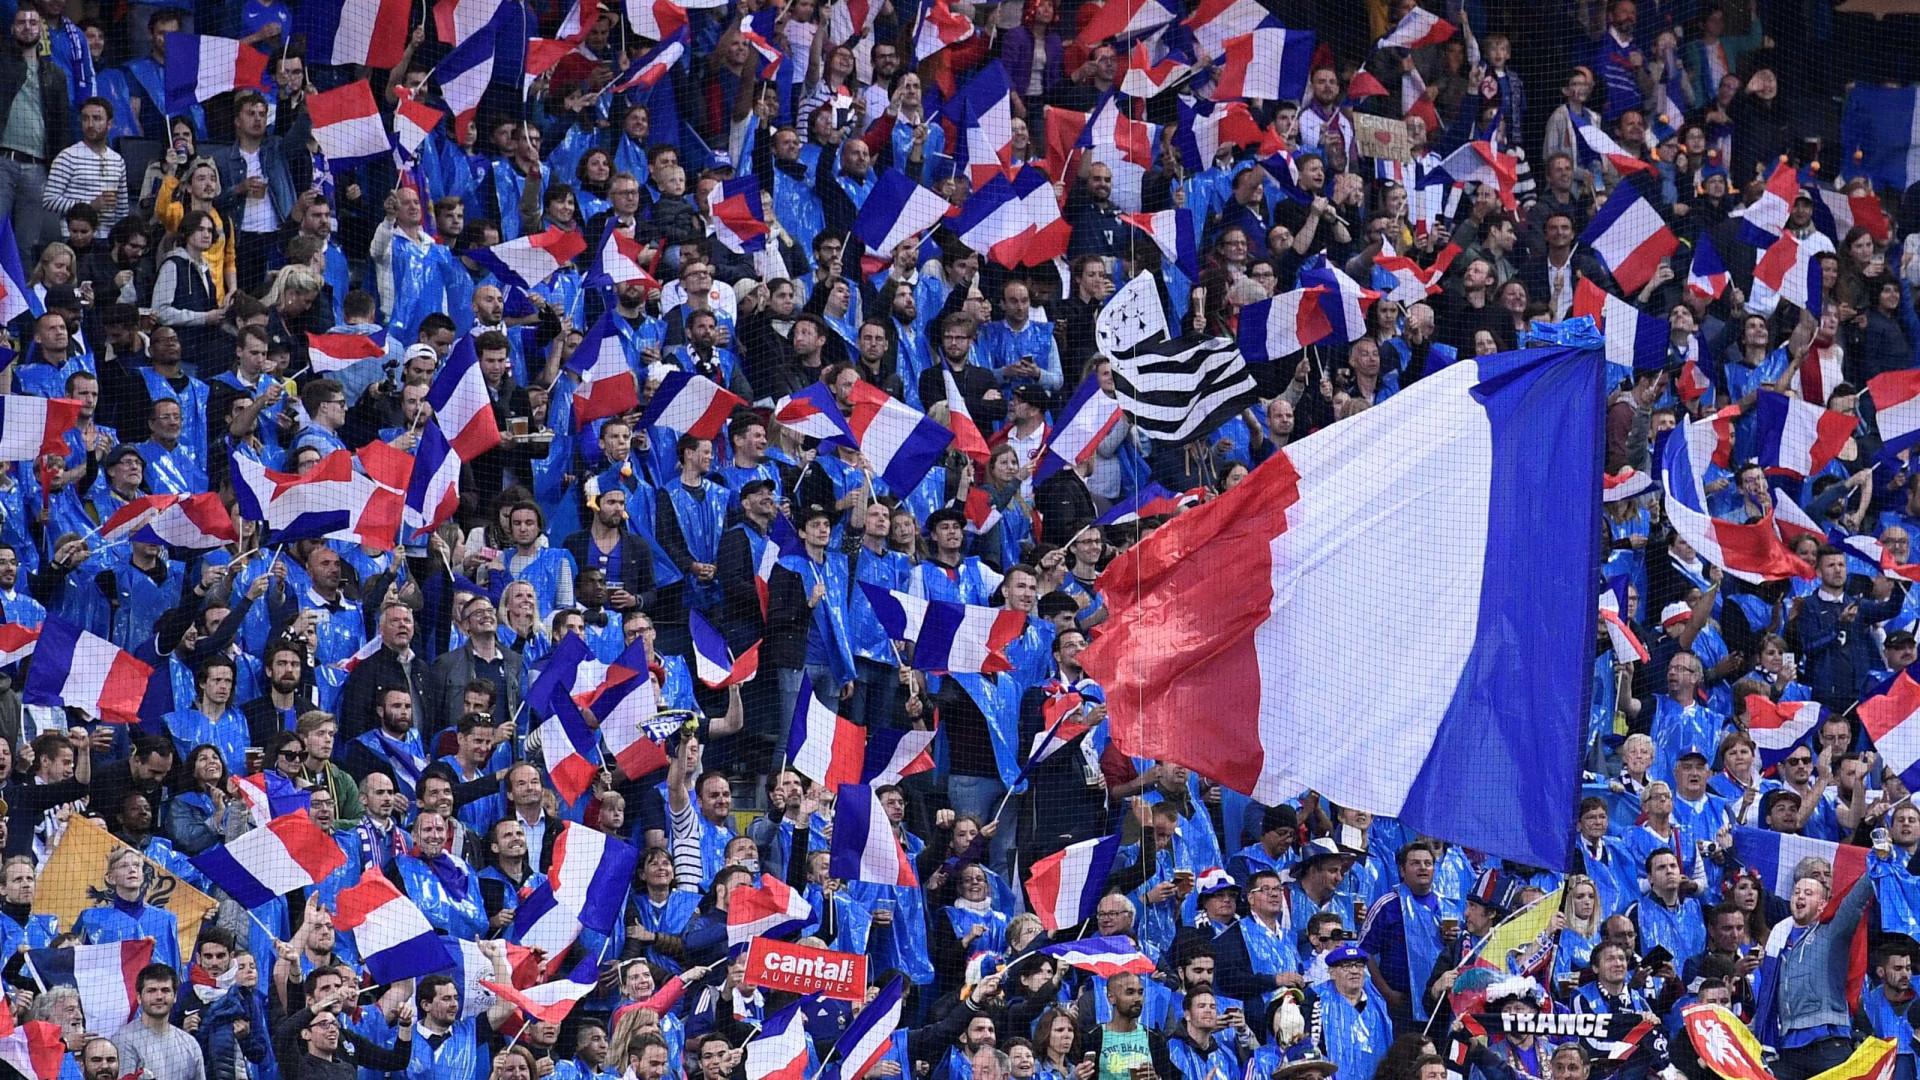 França pode não ir aos Jogos de Inverno por conta de segurança